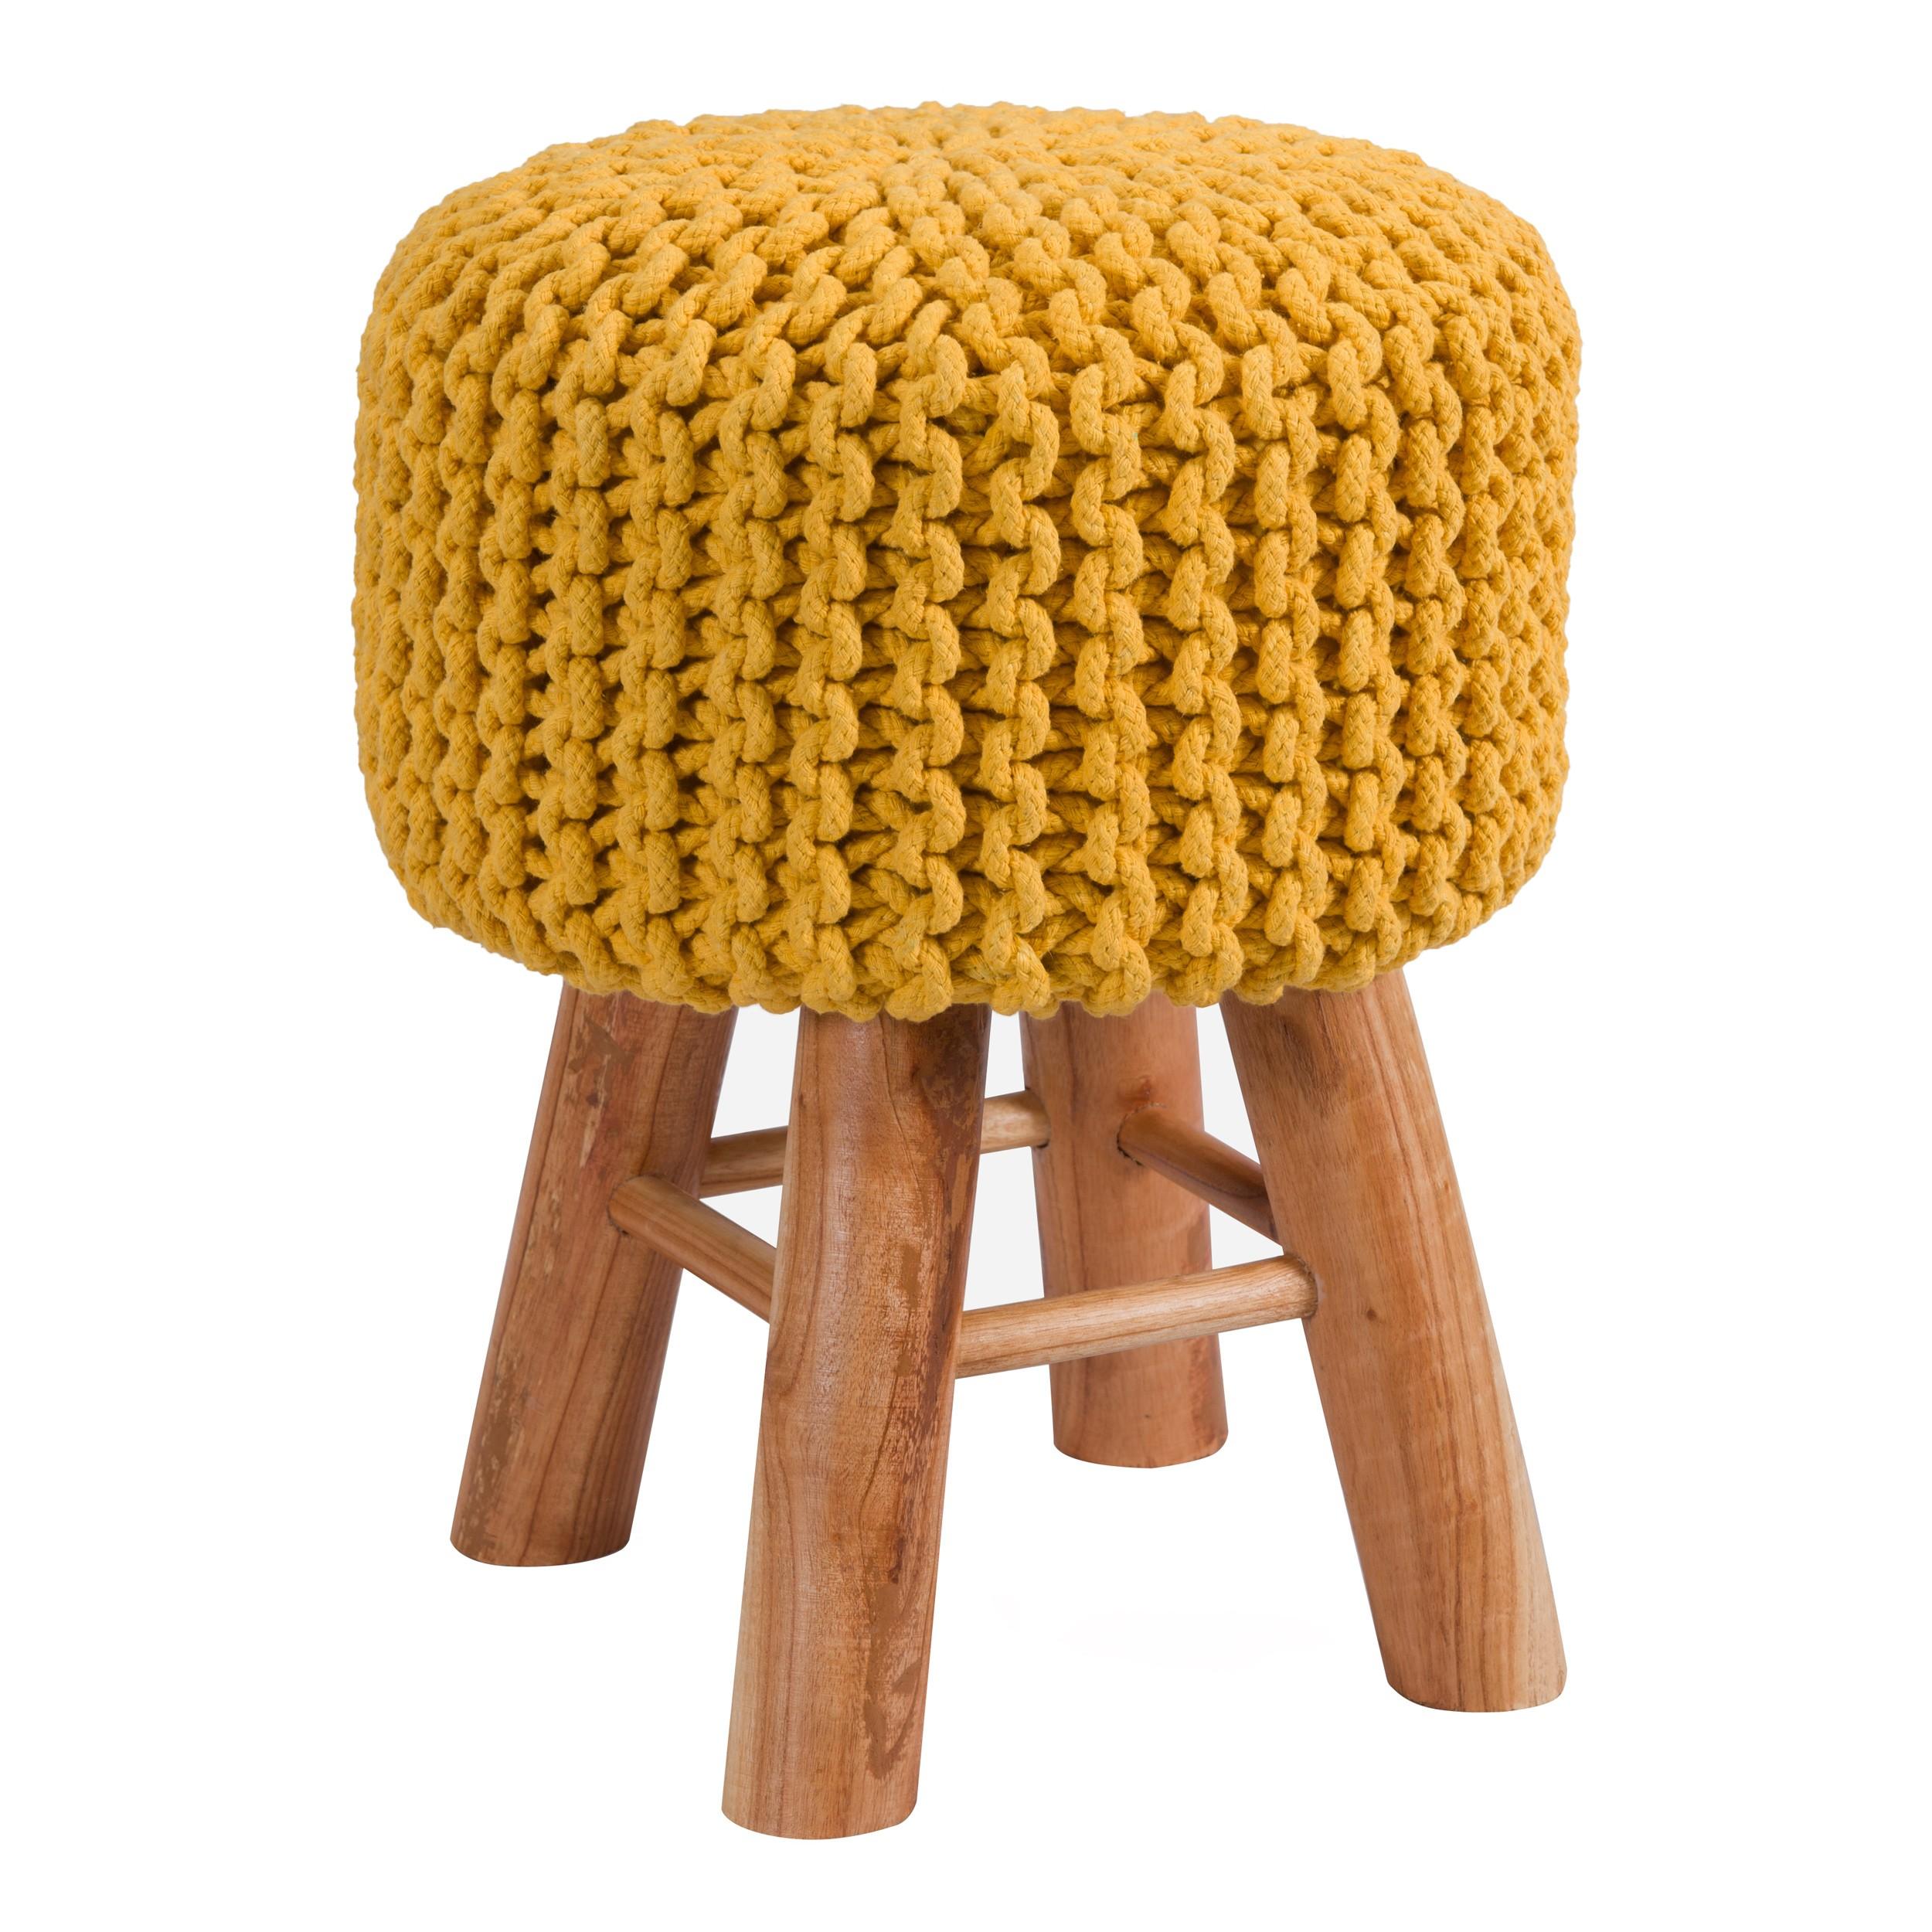 Comment Faire Du Jaune Moutarde tabouret tricot lisa jaune moutarde